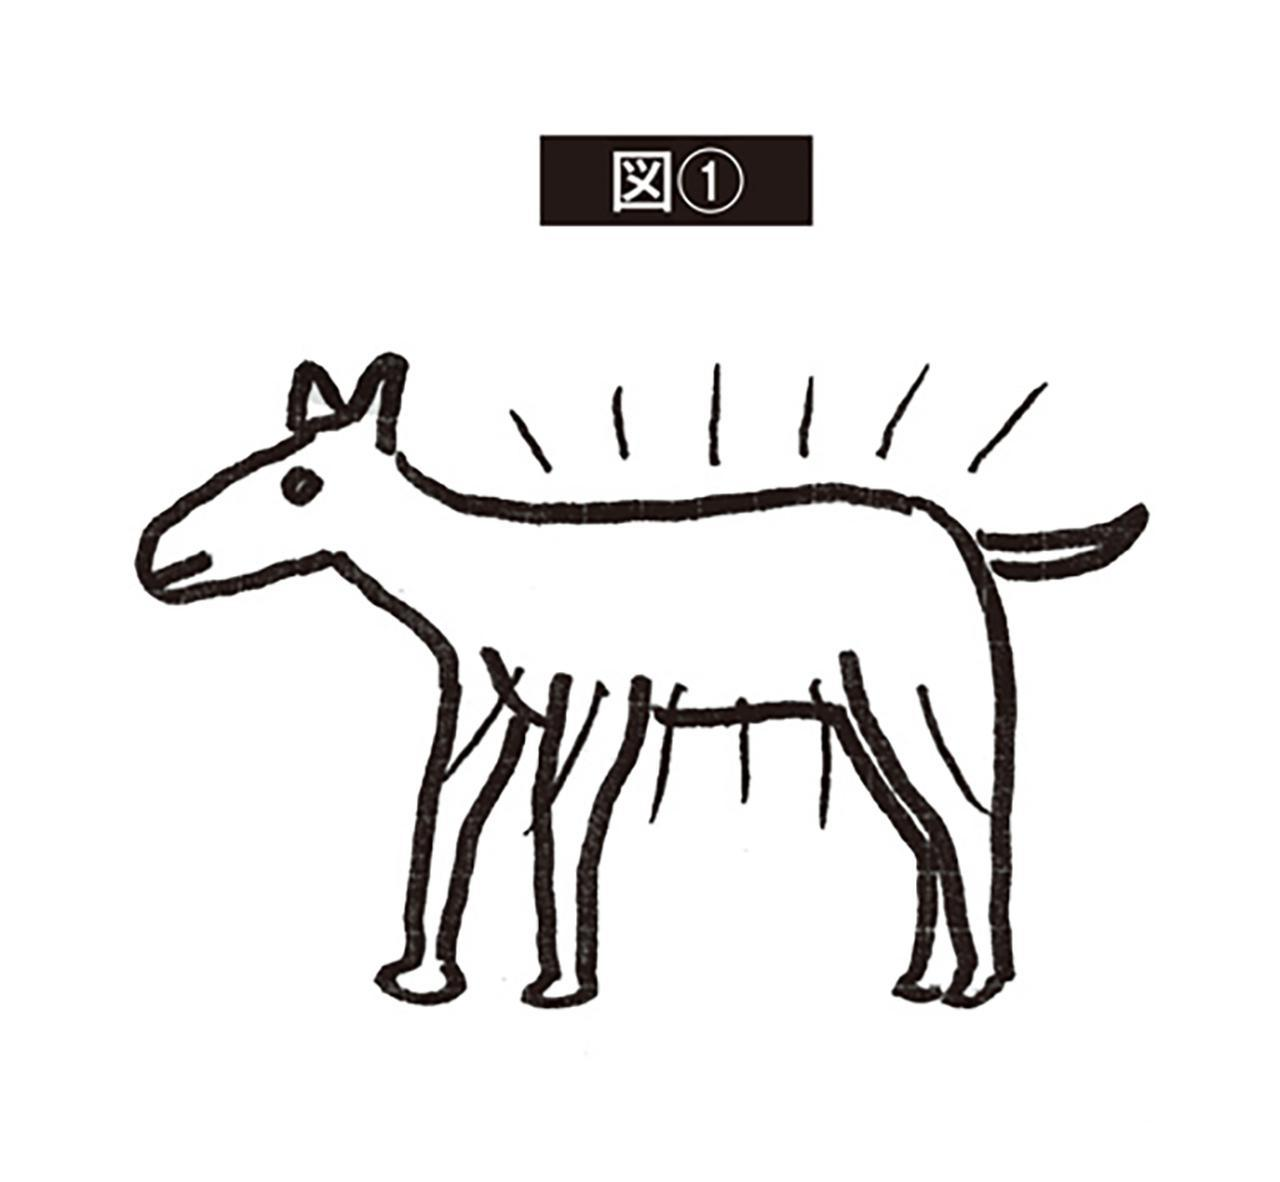 画像: 「ずぶ濡れの犬が、体を振って遠心力で水を切るイメージ。犬は首の付け根から上と胴体とを切り離すようにして、効率的に左右へ回転運動をしている。ゴルファーも腕力で加速してクラブのヘッドスピードを上げようとするのではなく、いかに体の回転速度を速められるか」